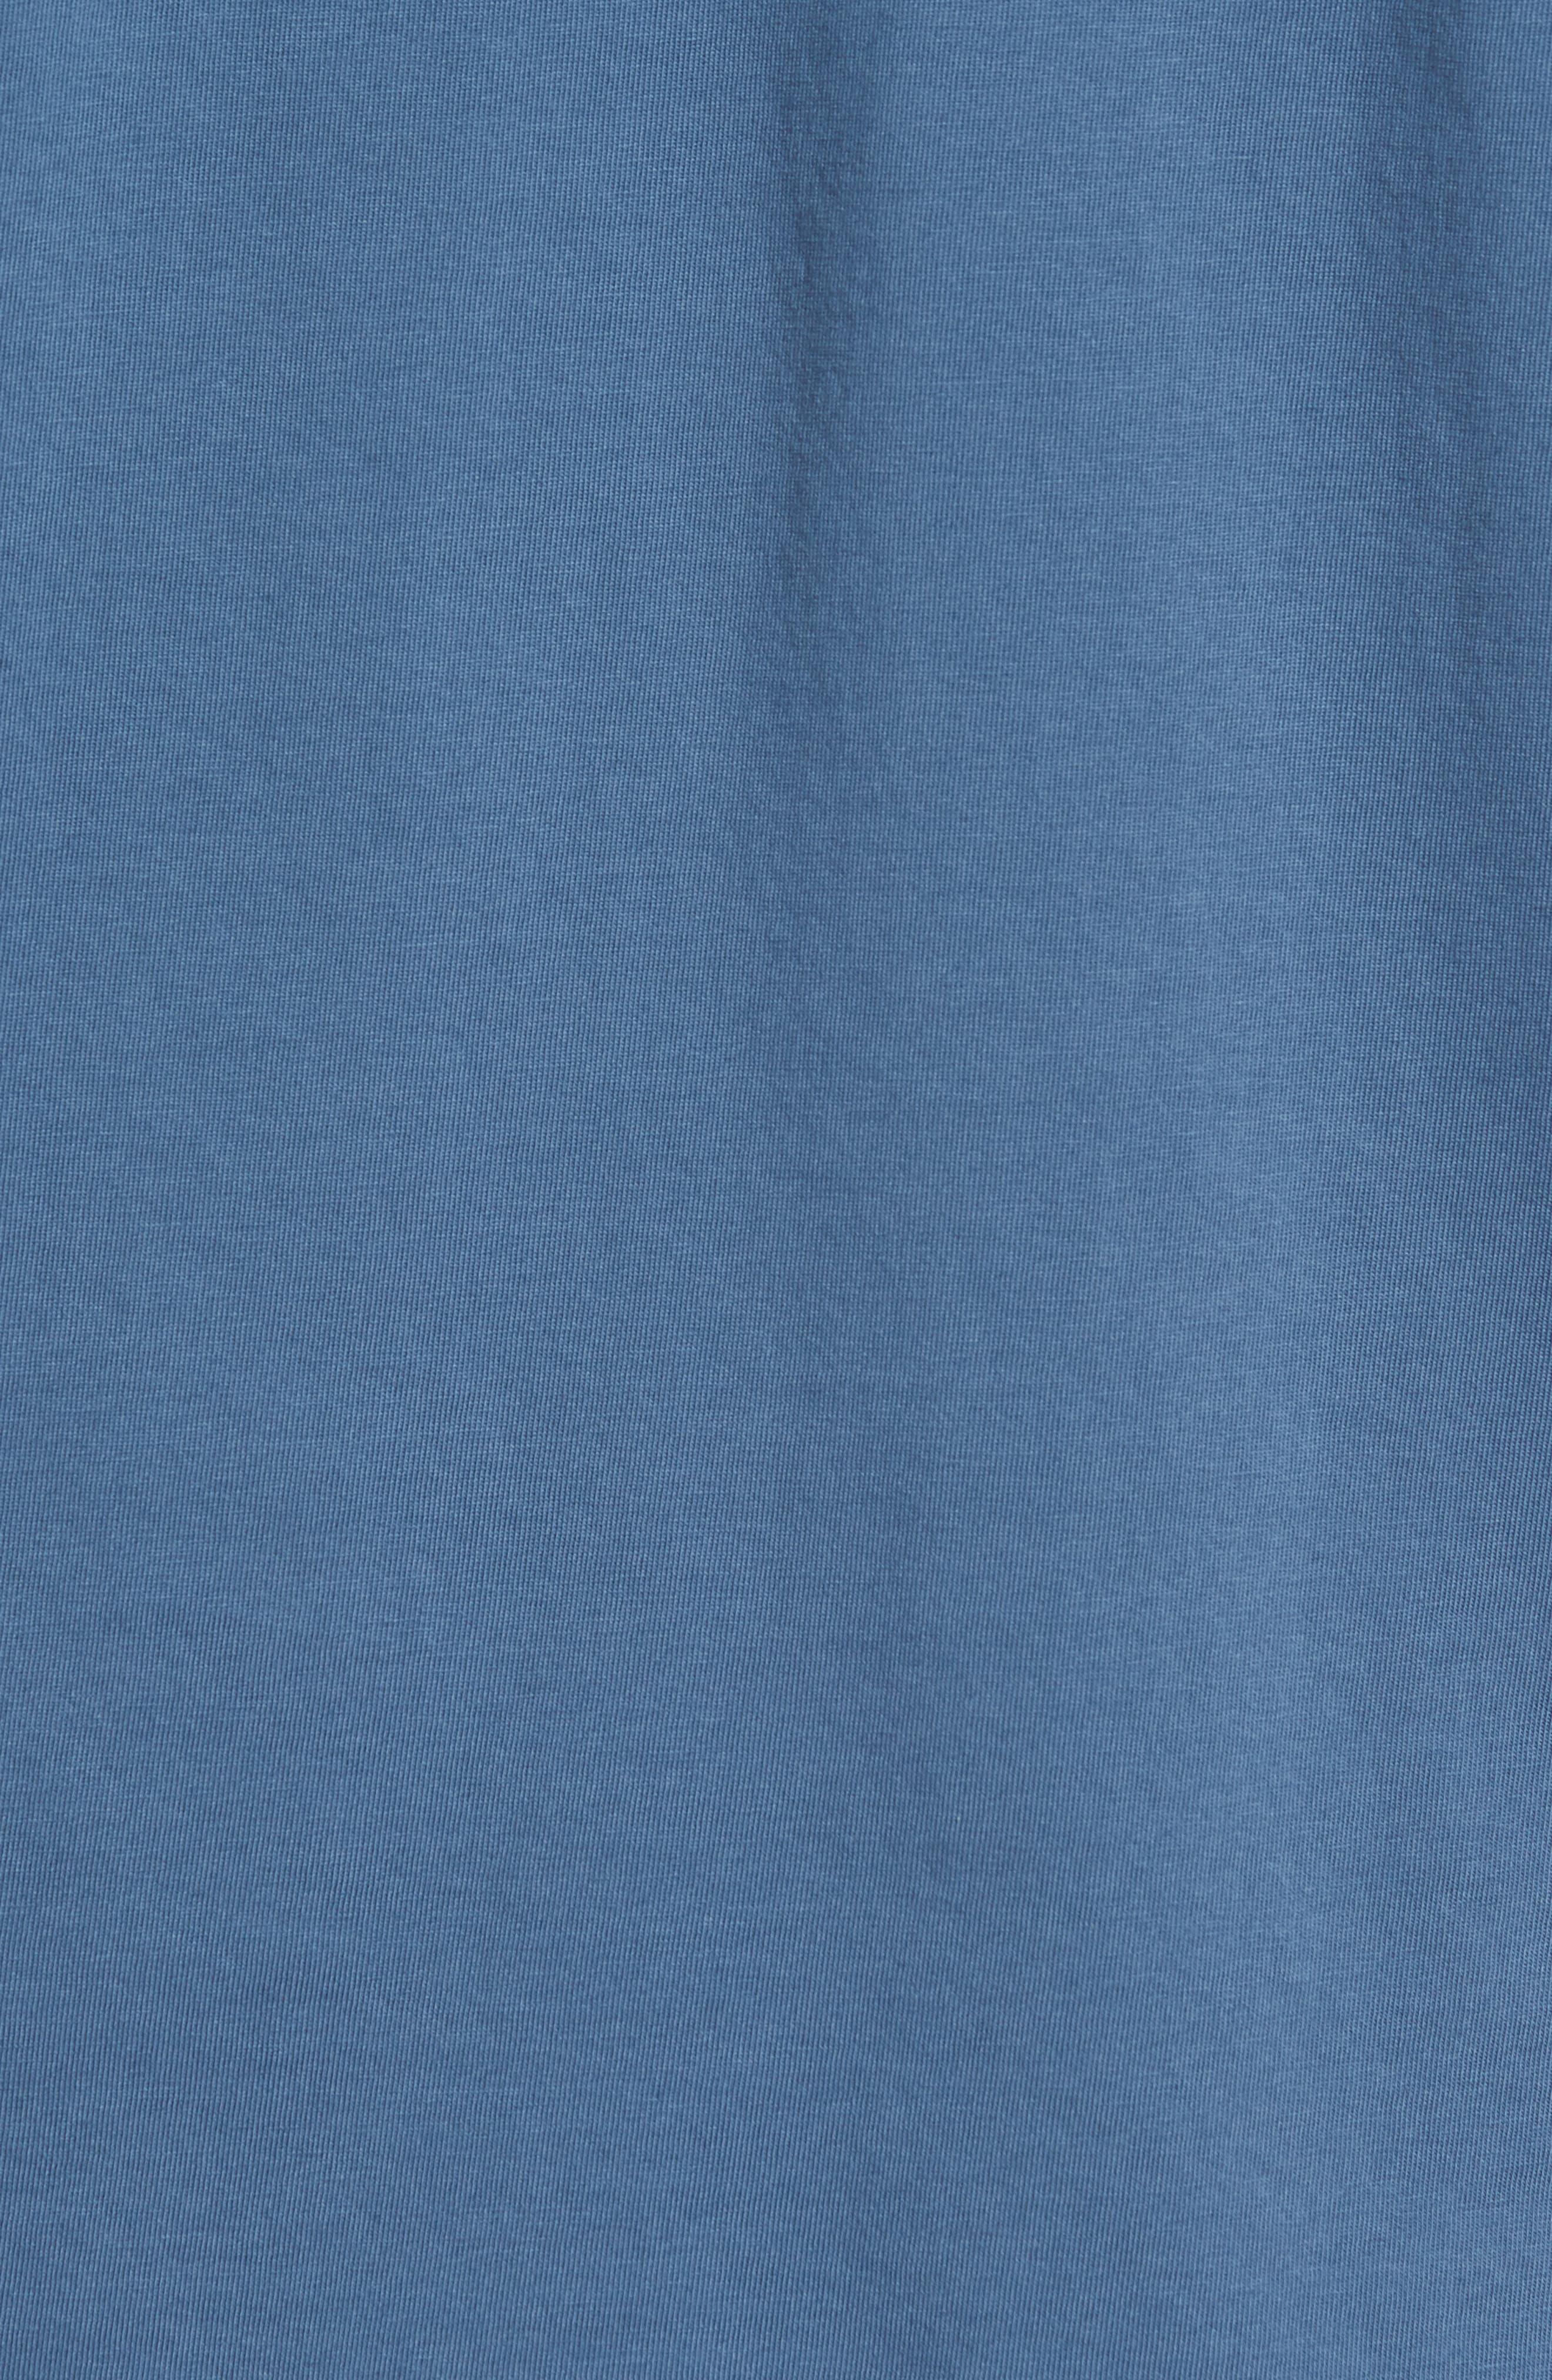 Line Matrix Graphic T-Shirt,                             Alternate thumbnail 5, color,                             400